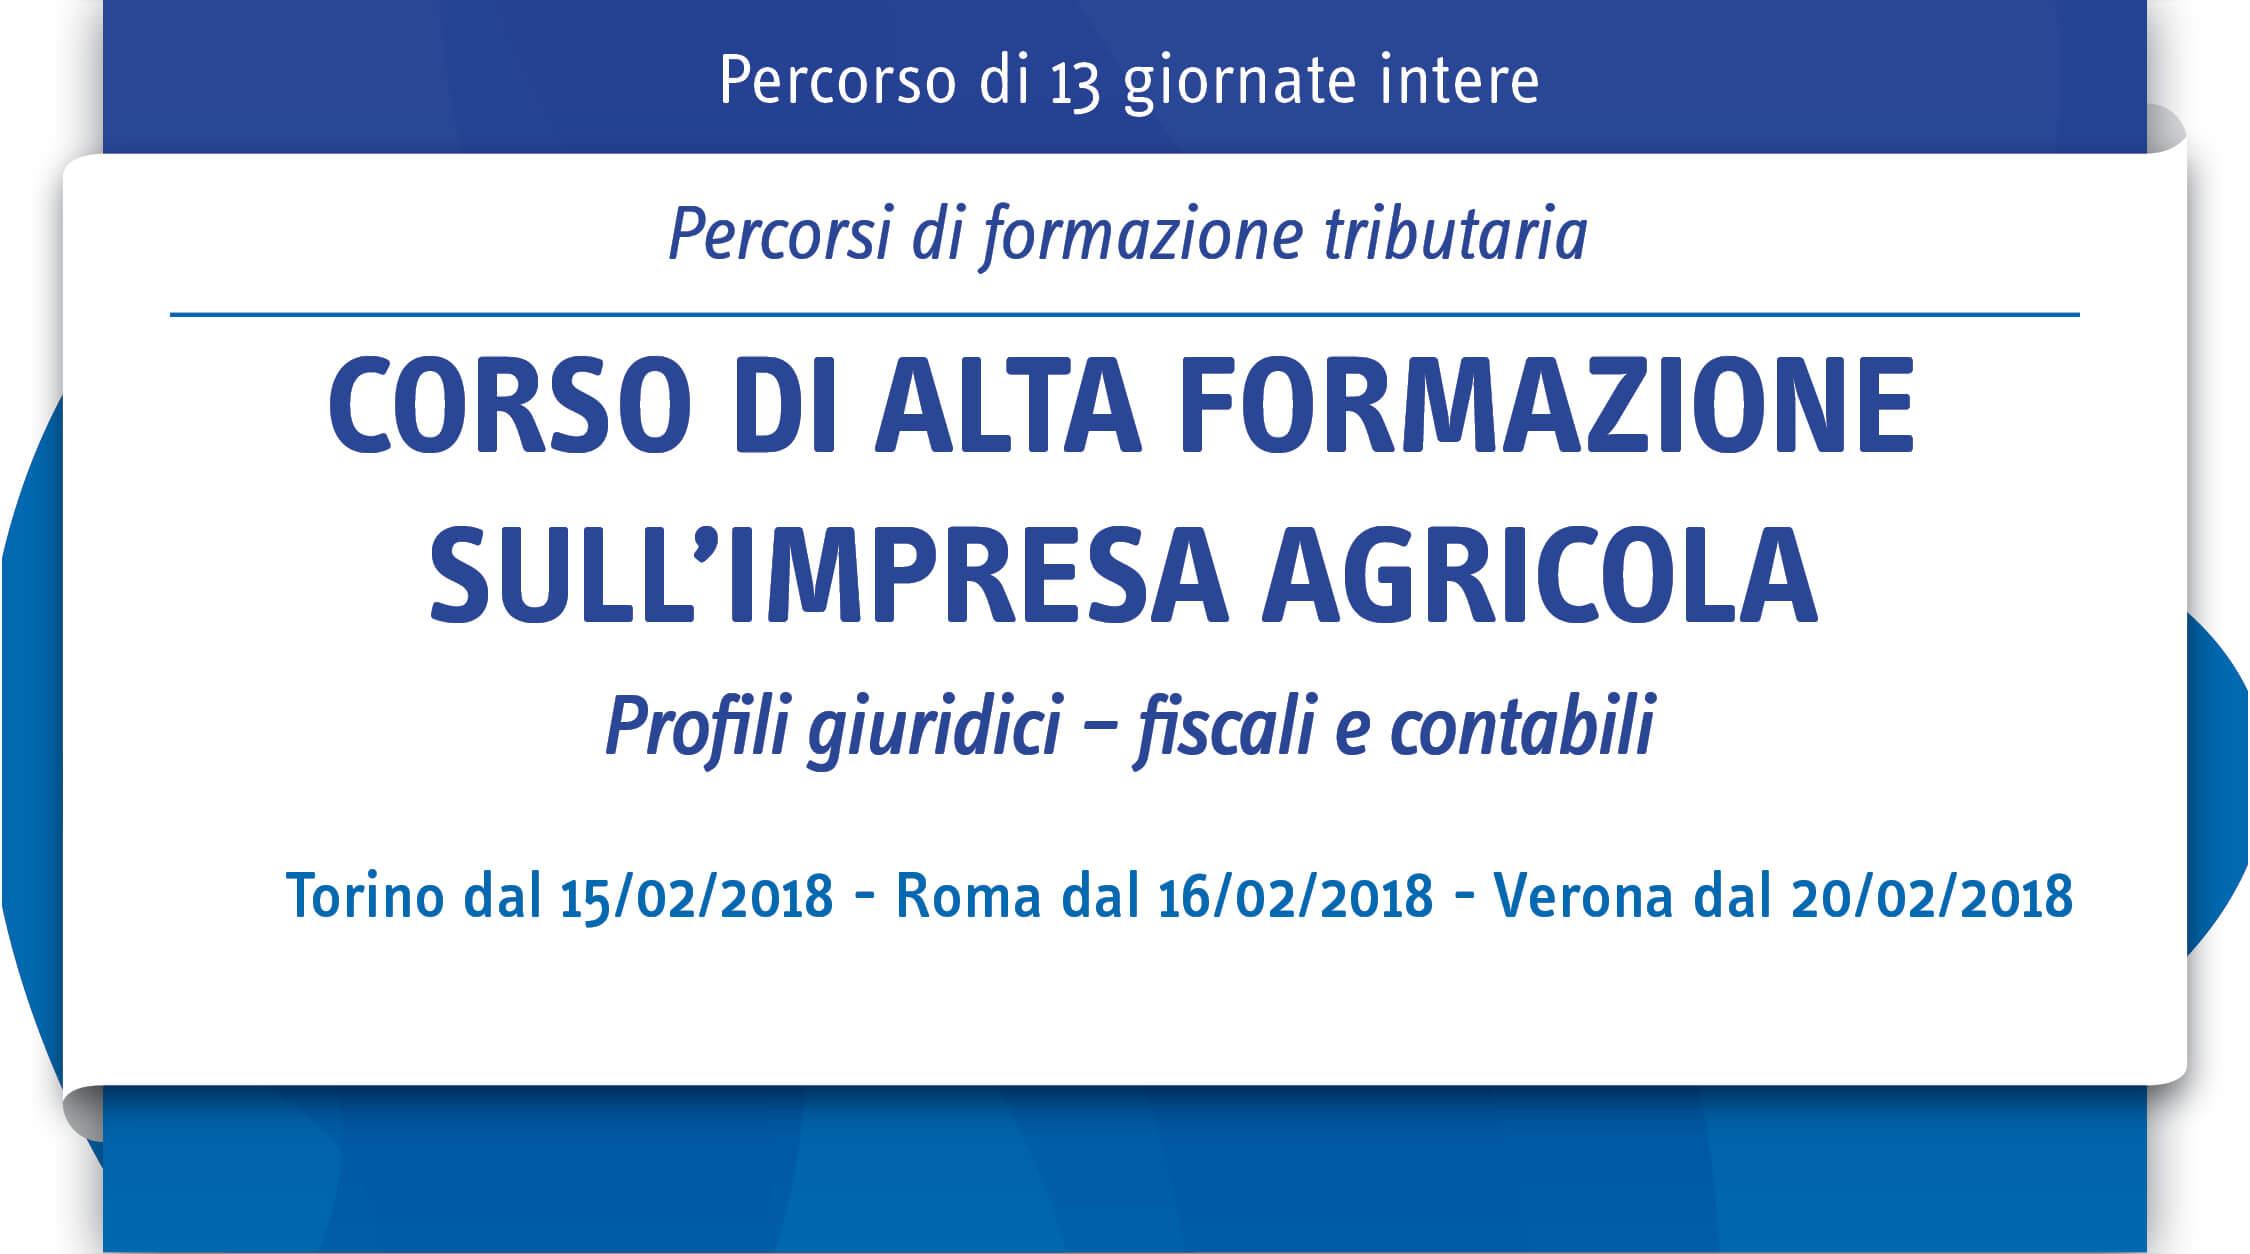 Corso di alta formazione sull'impresa agricola